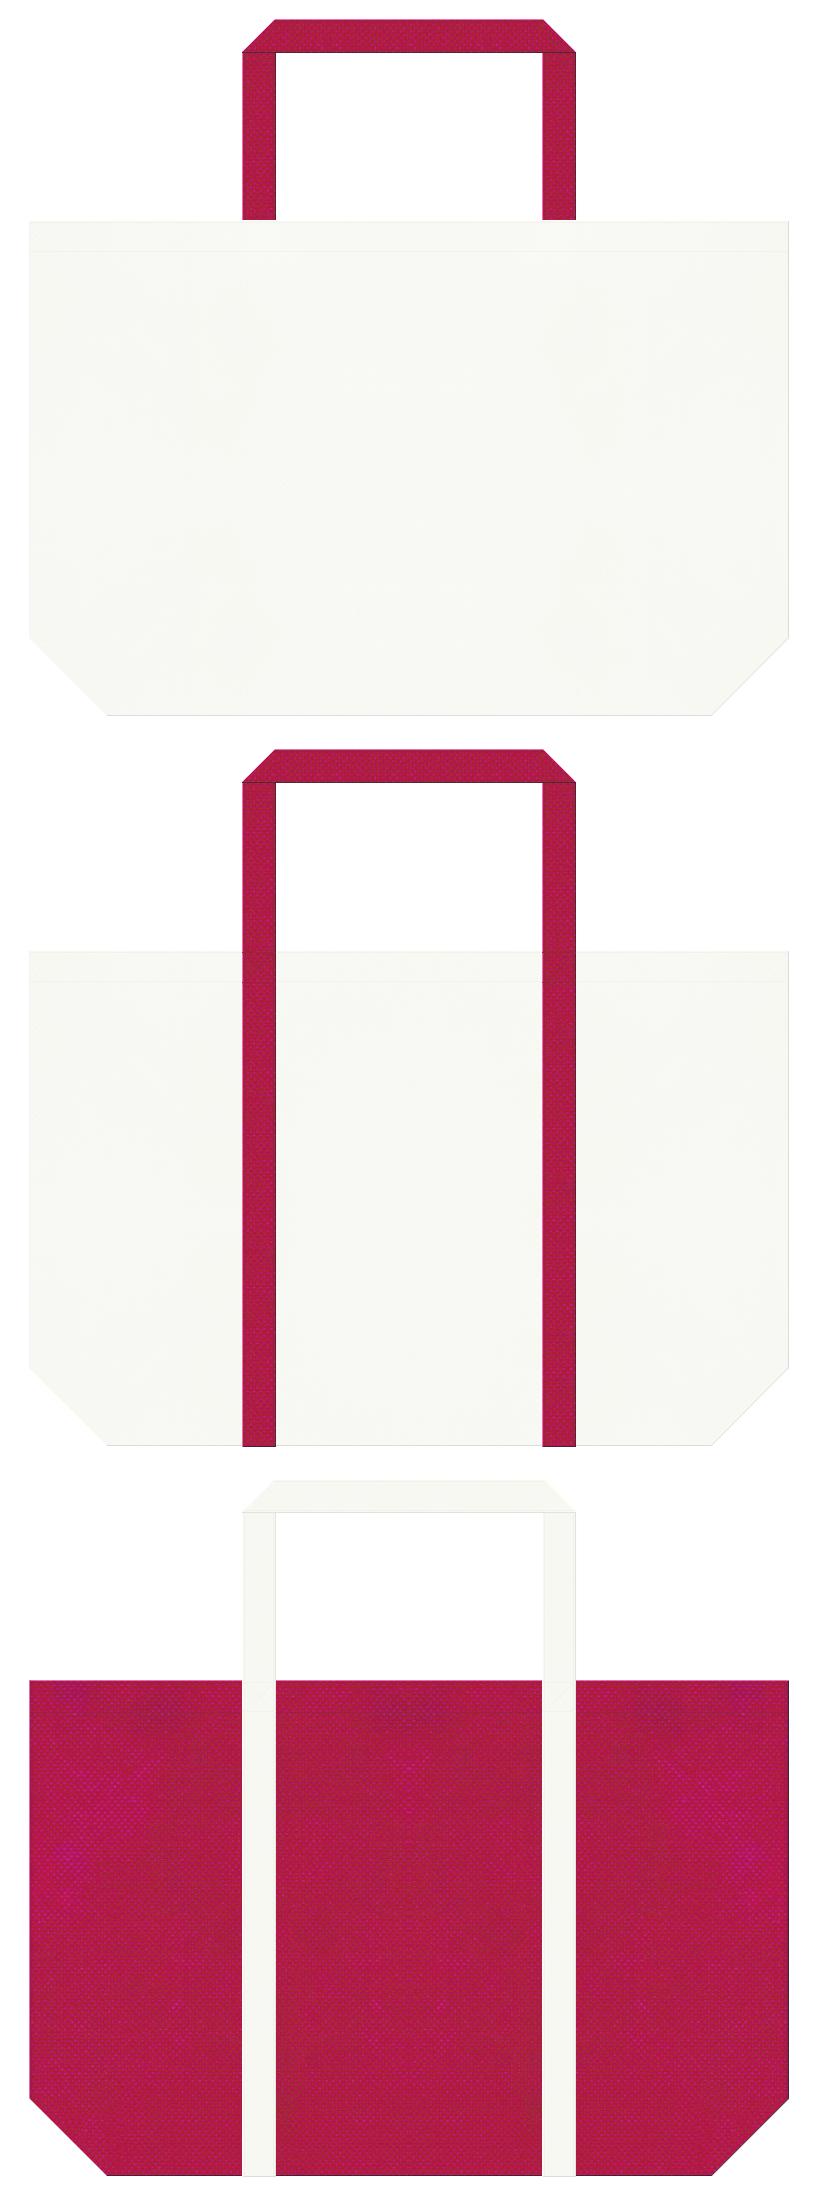 オフホワイト色と濃いピンク色の不織布ショッピングバッグのデザイン:ブライダルギフト商品のショッピングバッグにお奨めです。